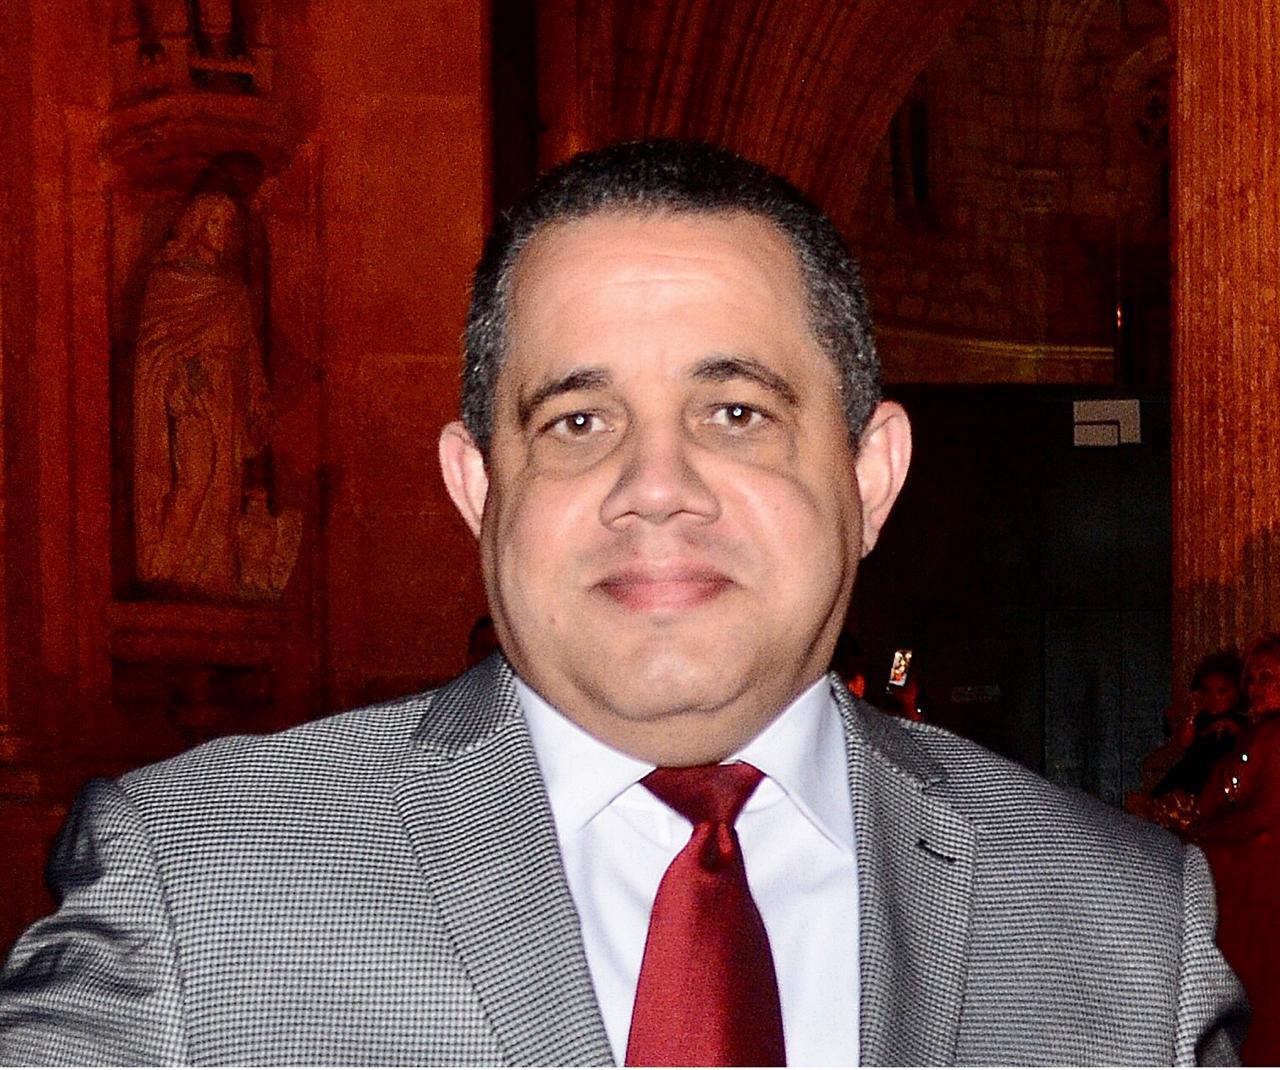 Alexis Moisés afirma ministro de Turismo de nuevo gobierno debe generar confianza